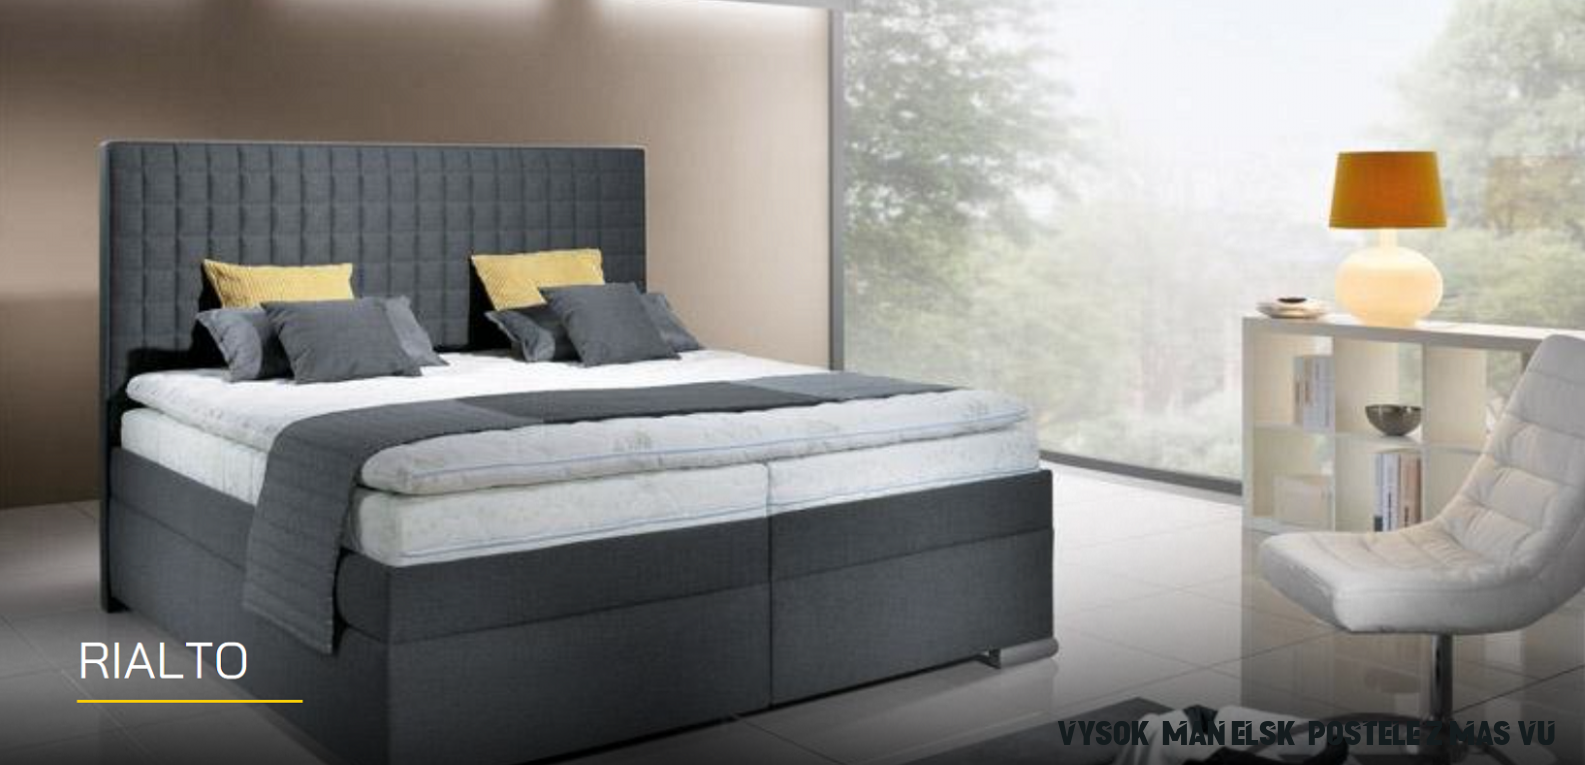 Luxusná manželská posteľ RIALTO  aa-nabytok.sk